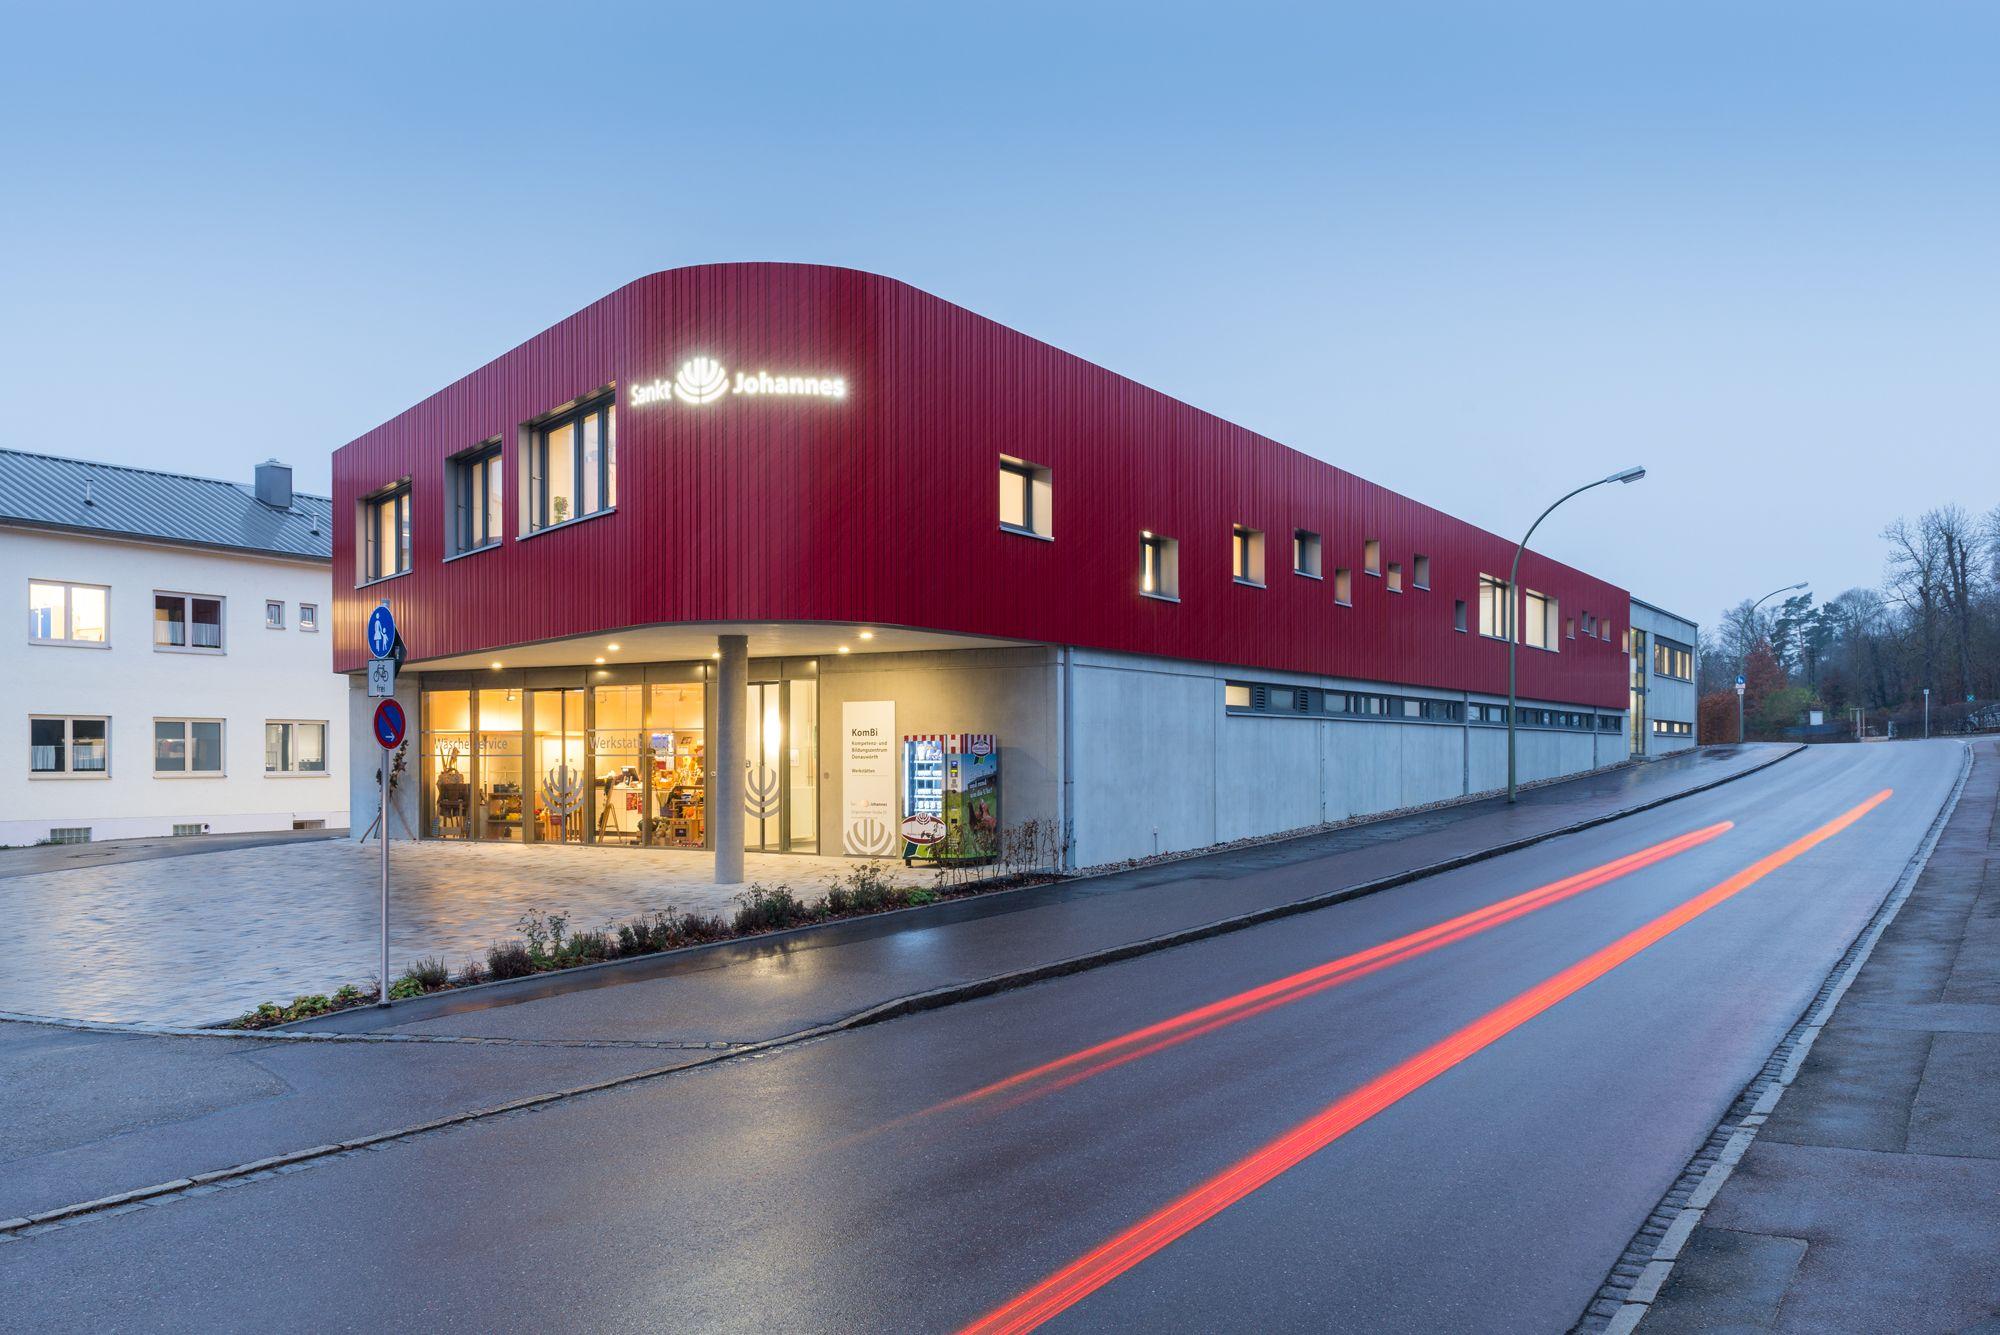 Werkstätten der Stiftung Sankt Johannes Donauwörth